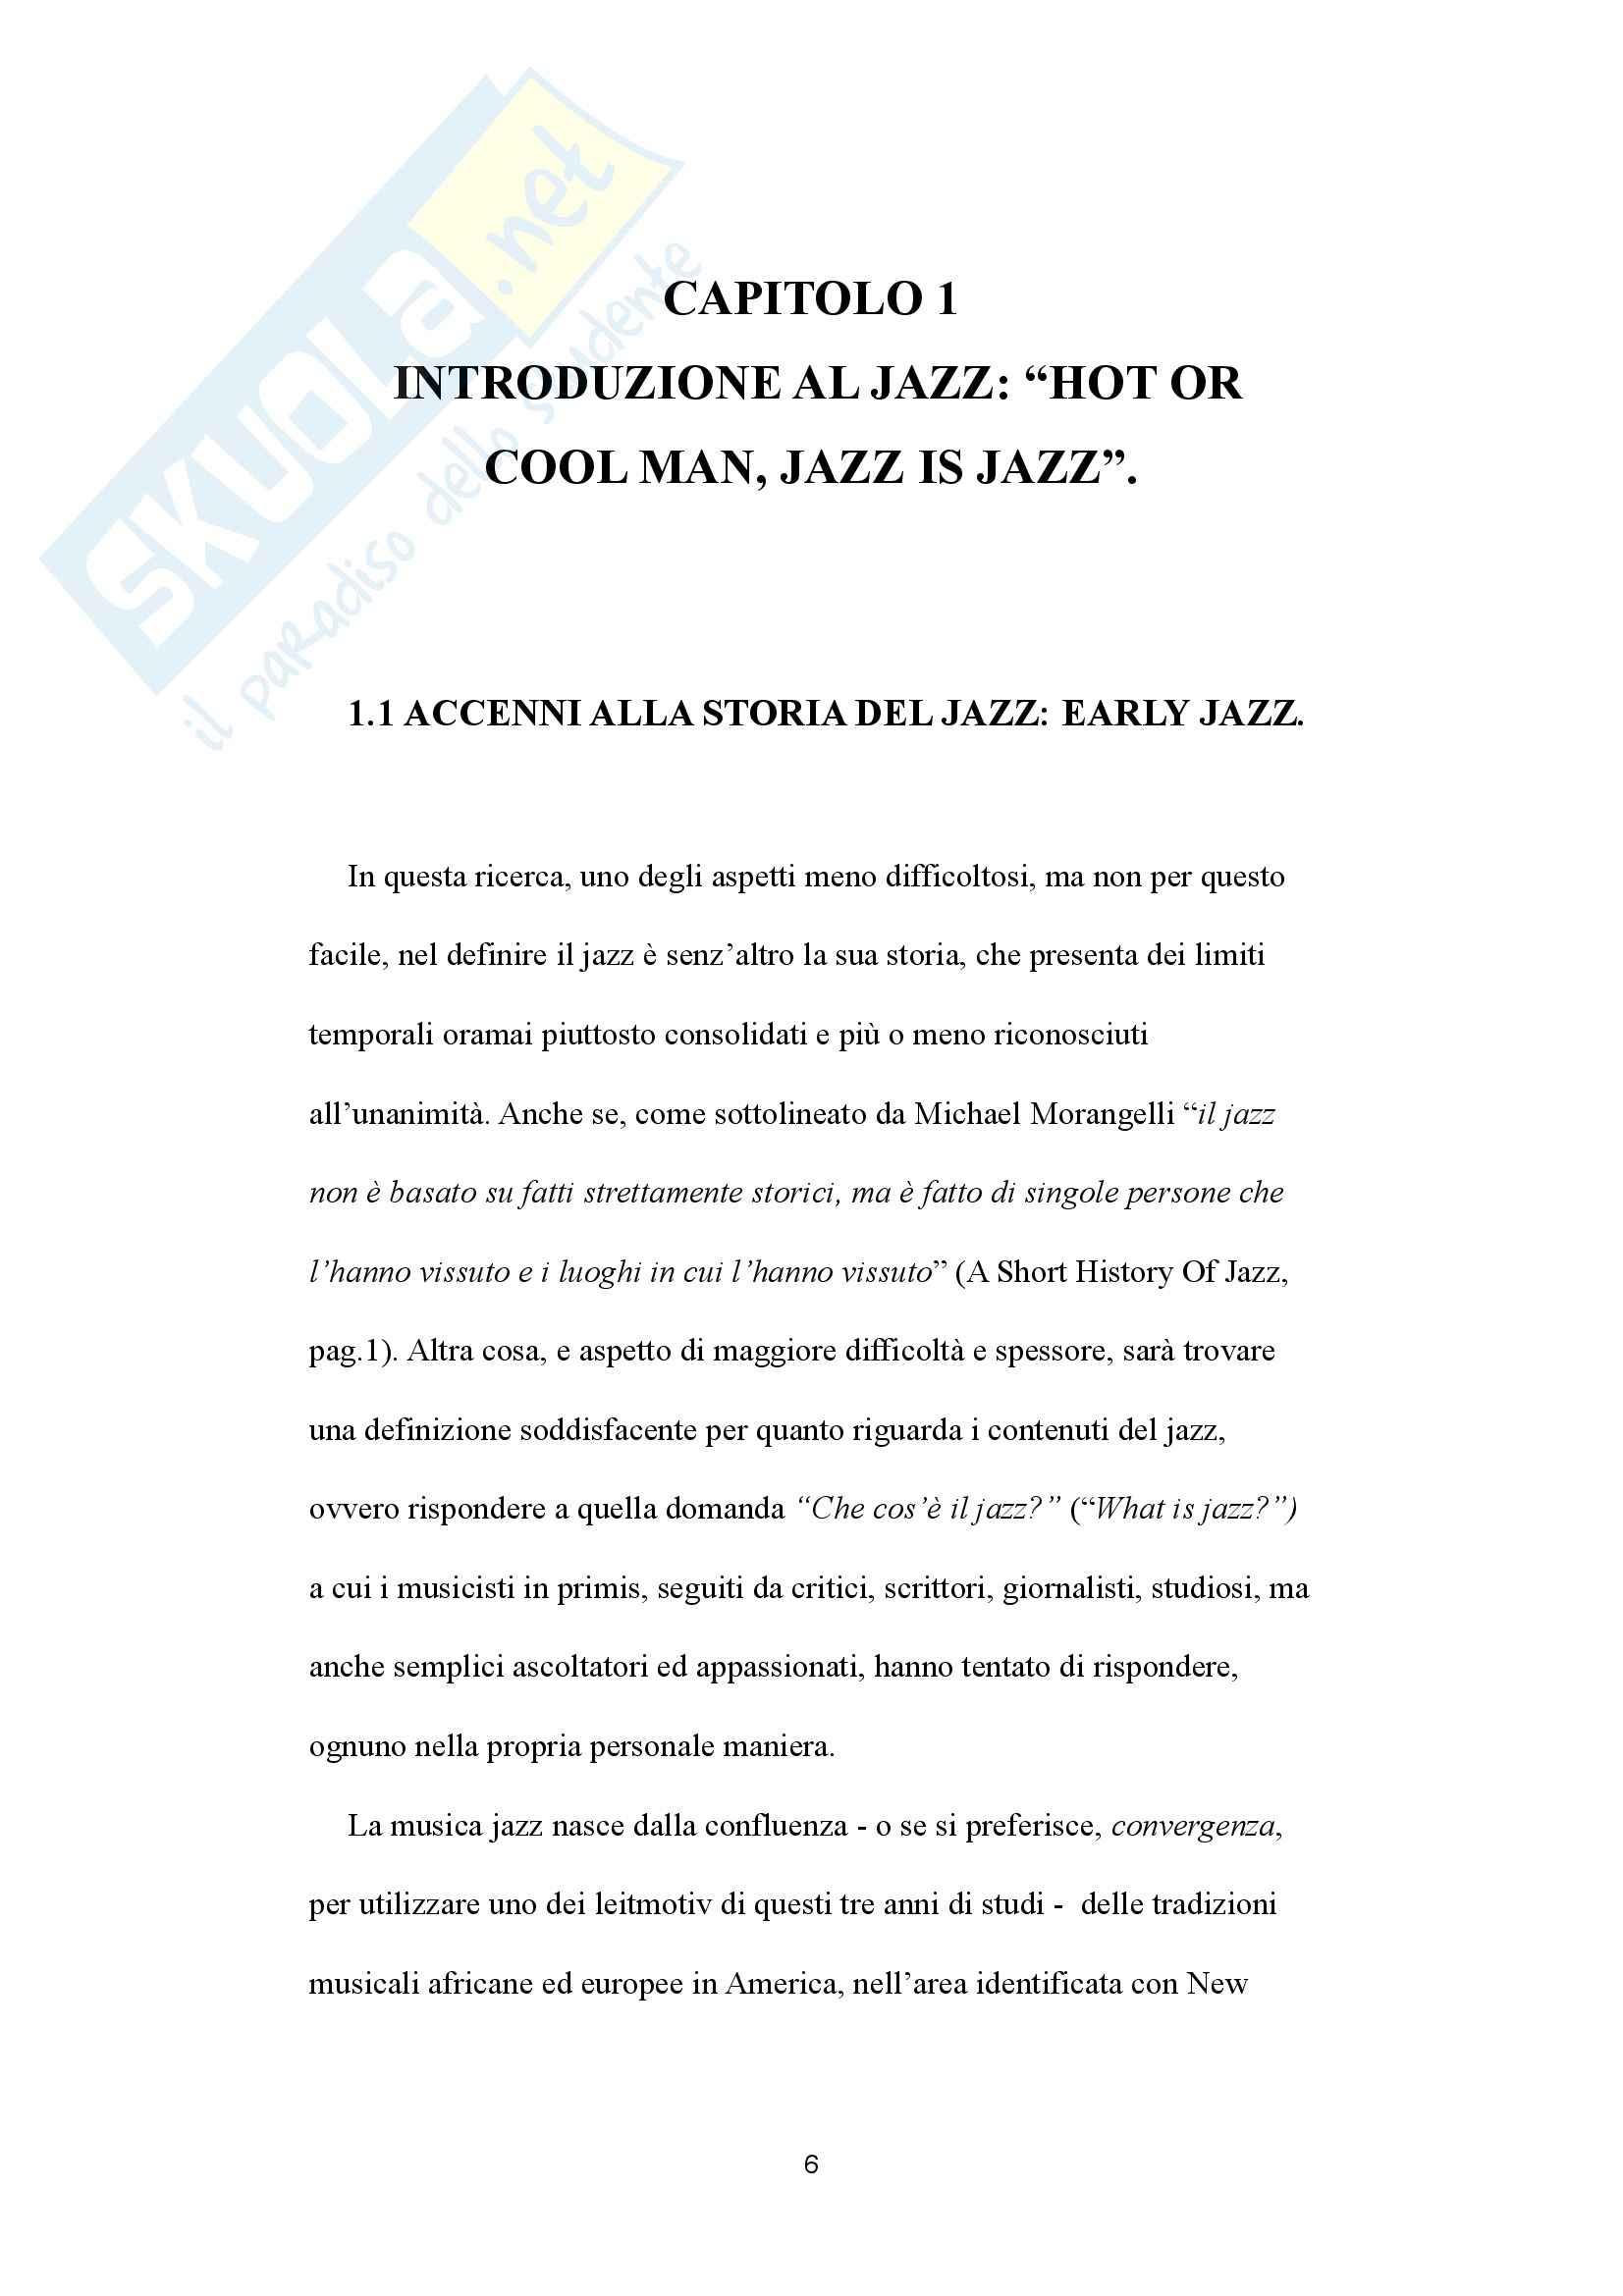 Say something: gestione della complessità e processi improvvisativi nella musica jazz - Tesi Pag. 6